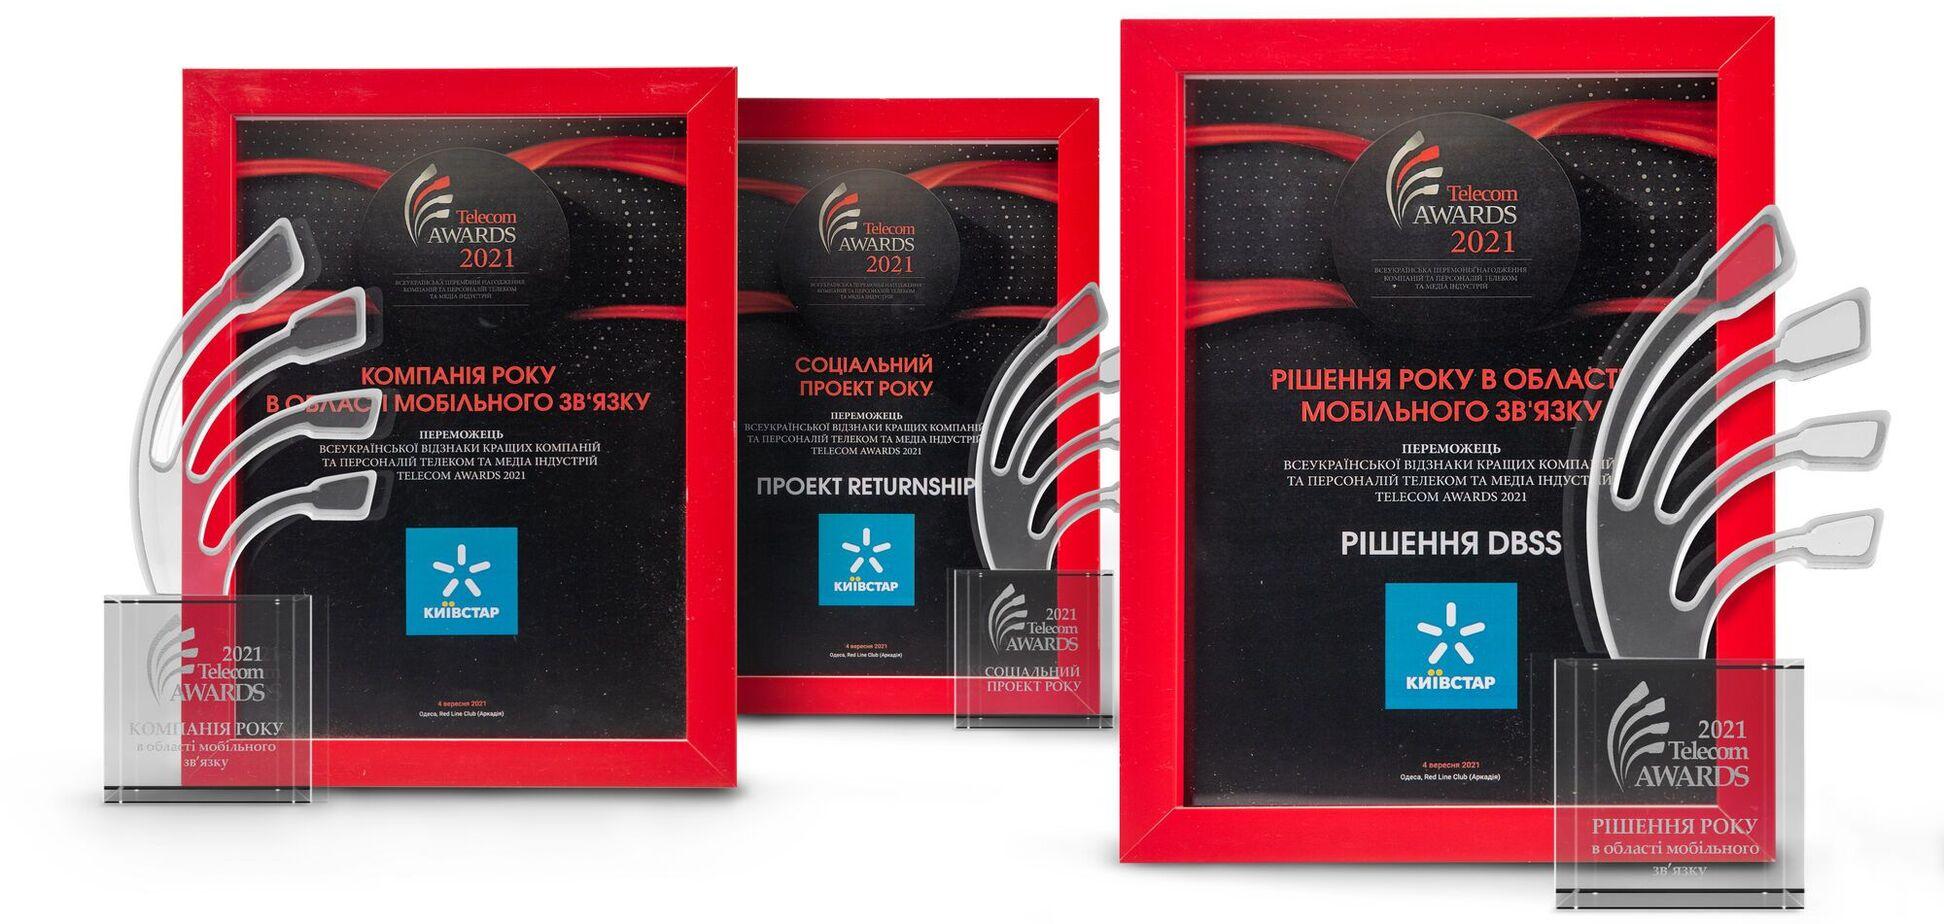 'Київстар' отримав премію 'Компанія року' від Telecom Awards